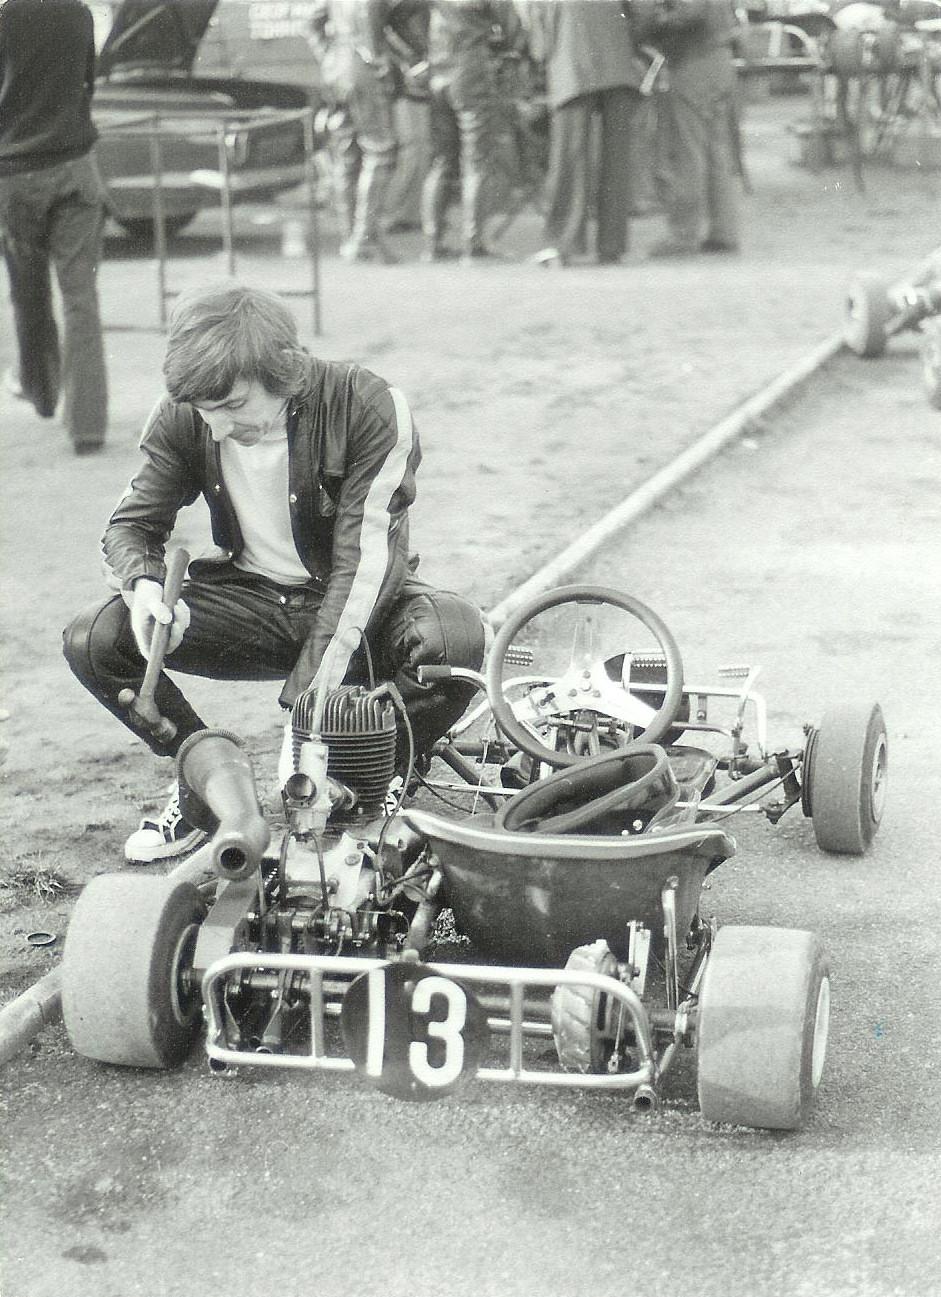 1973-Morris-Gokart-2